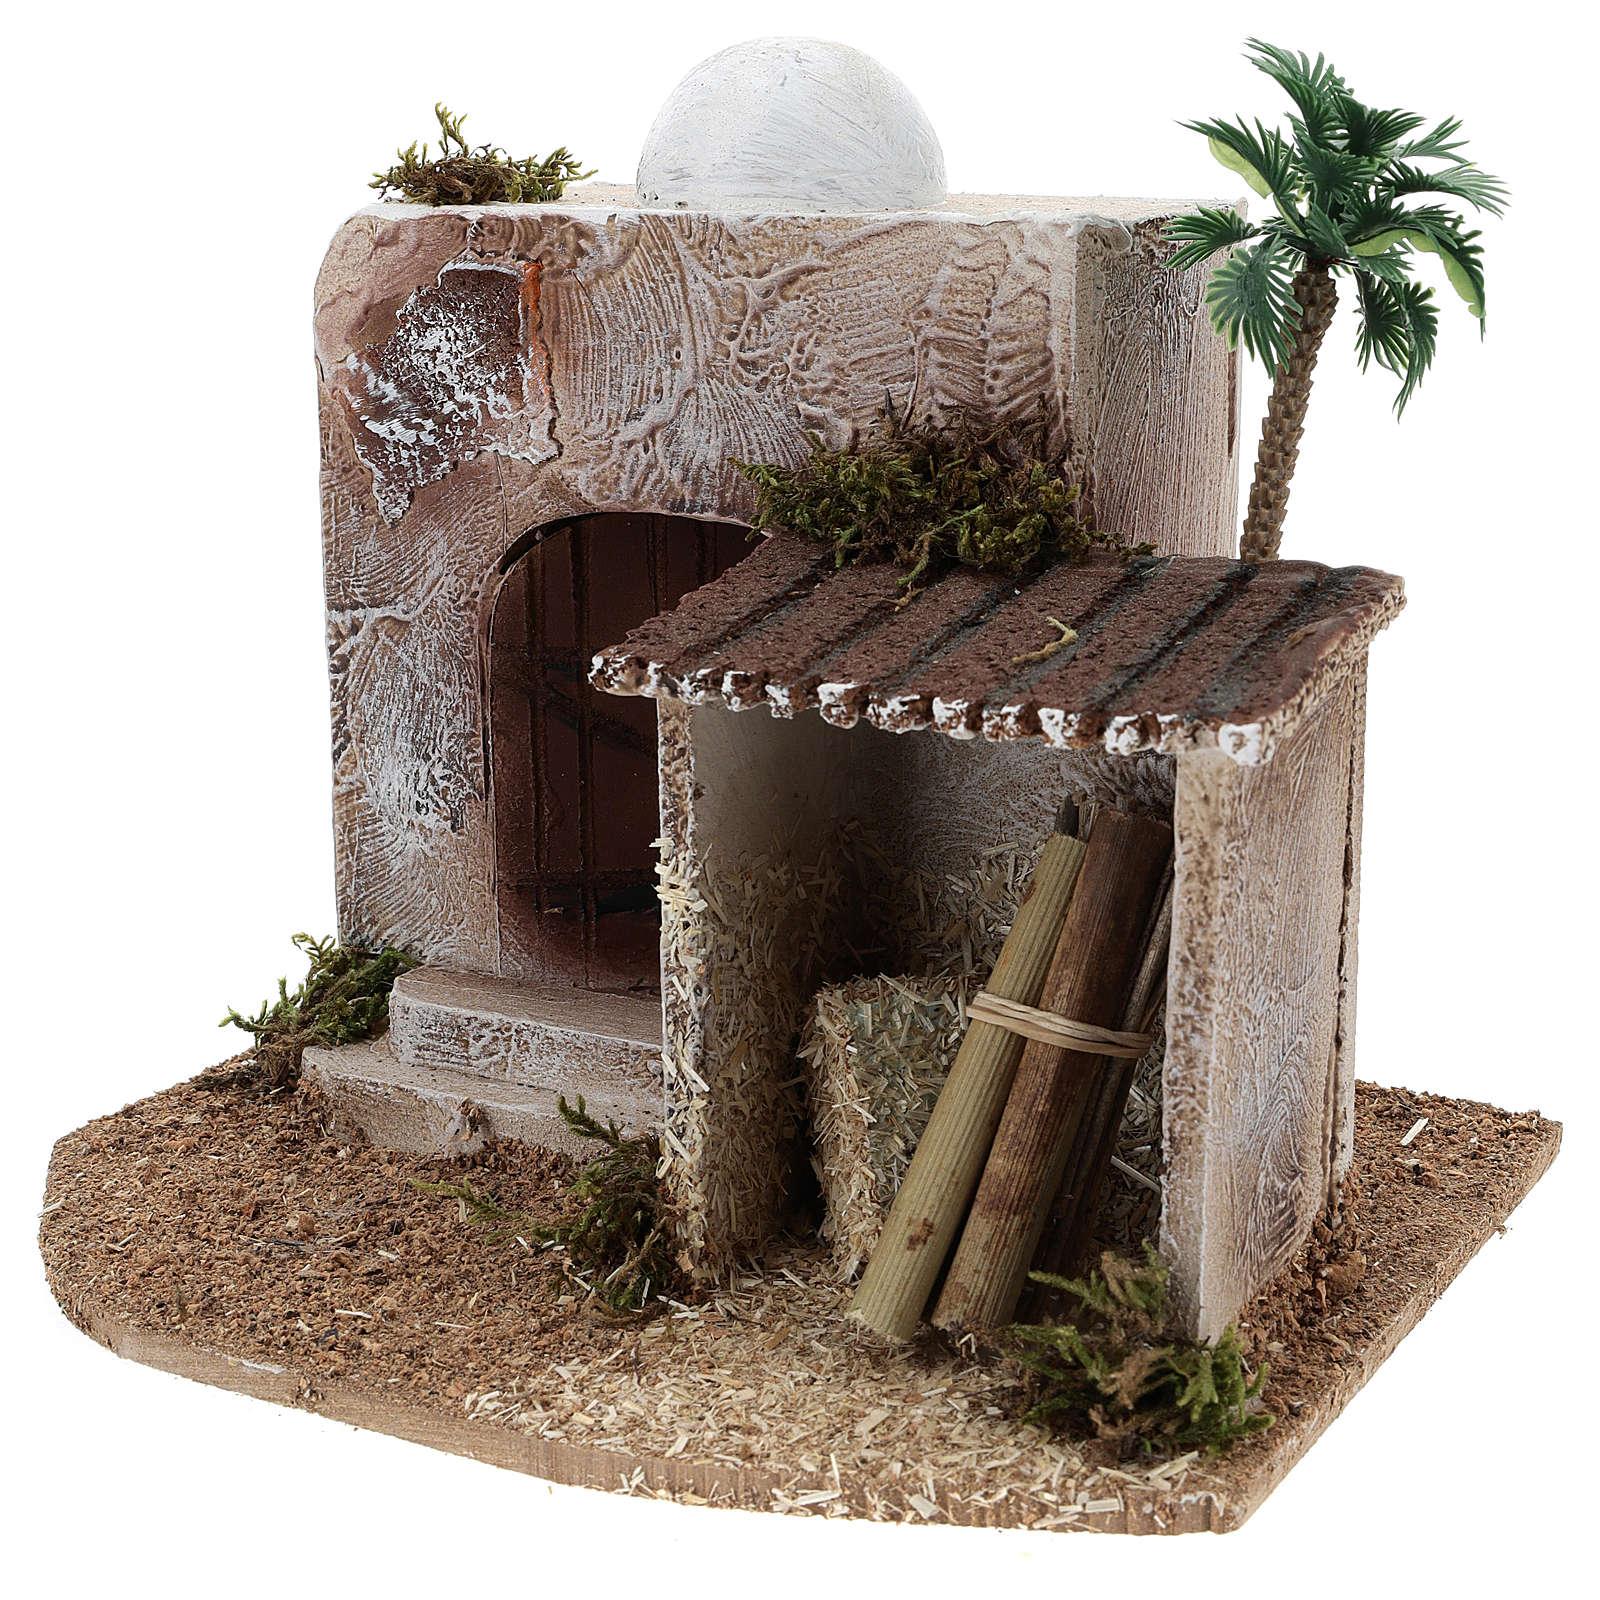 Casa con cobertizo belén estilo árabe 15x20x15 4